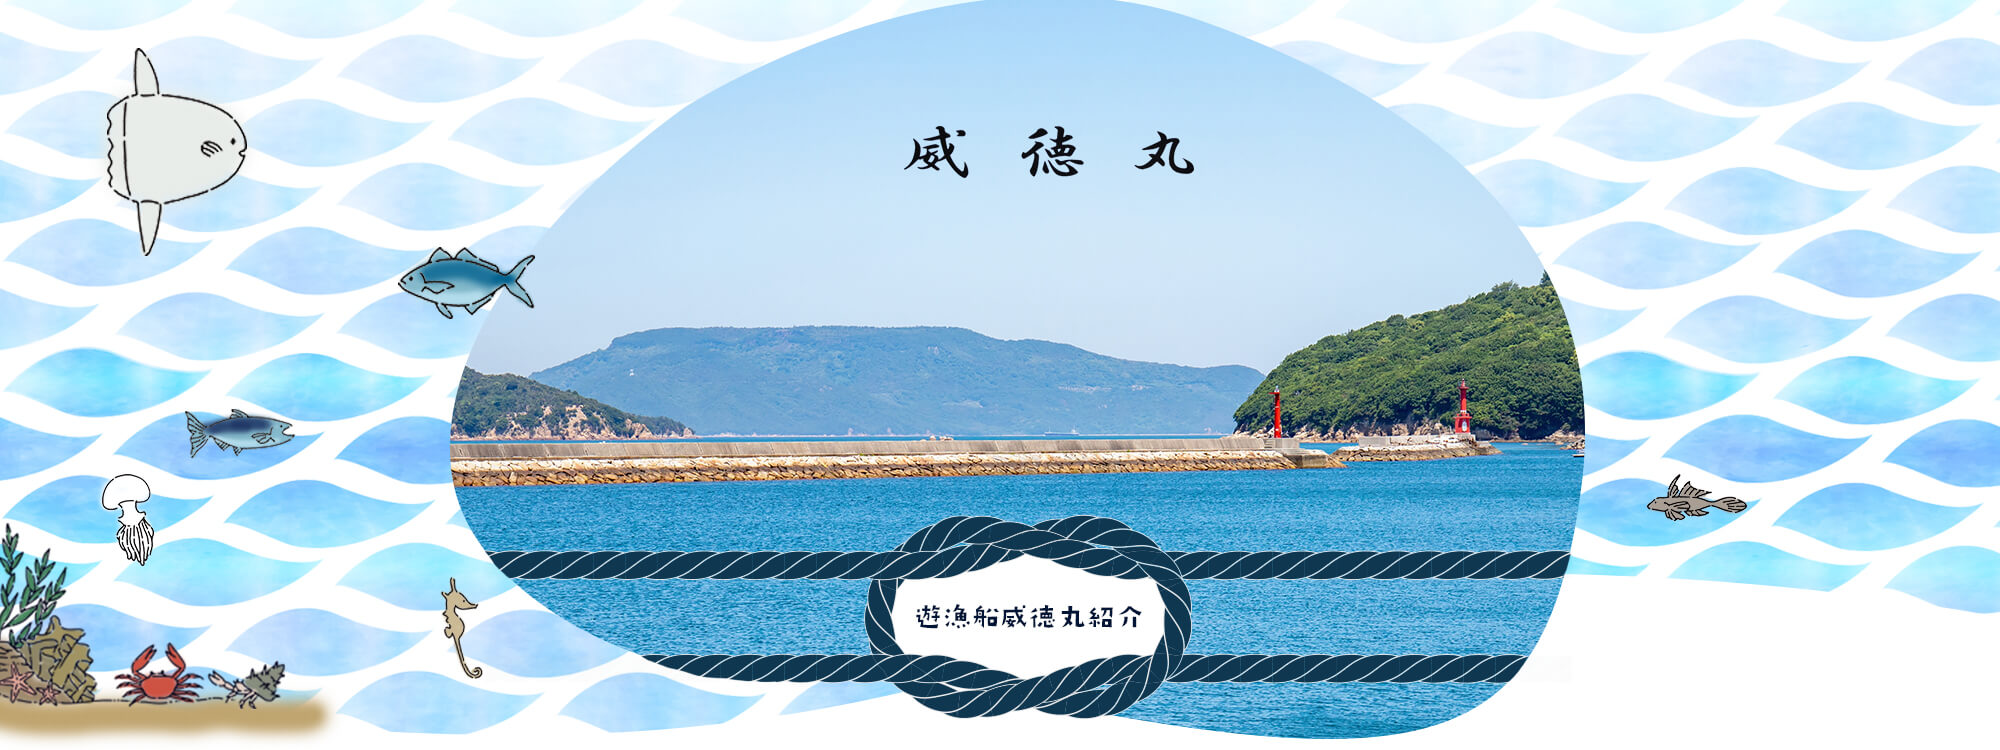 遊漁船威徳丸紹介